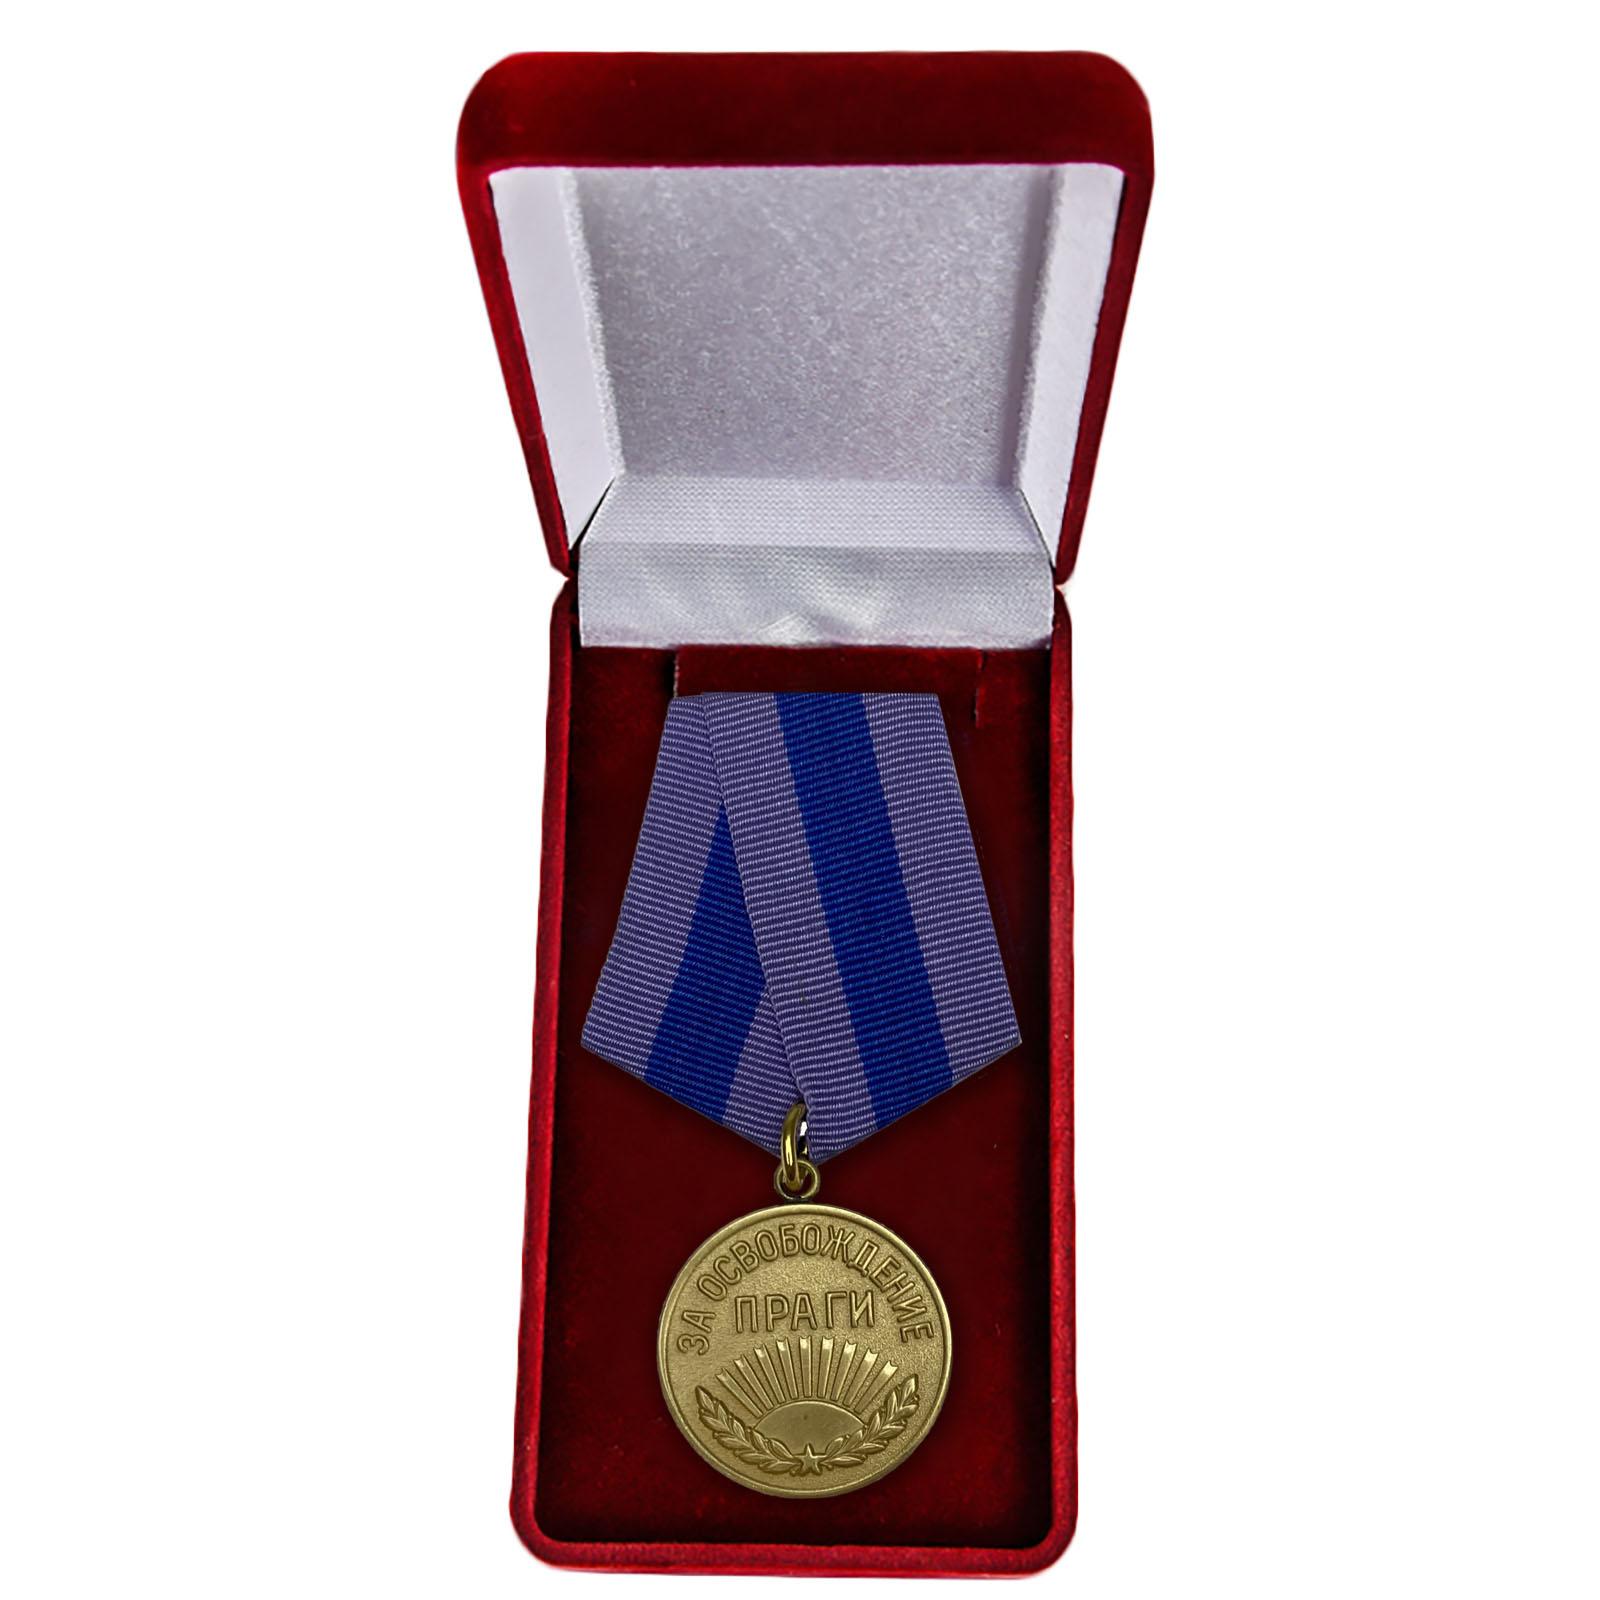 """Медаль """"За освобождение Праги"""" 1945 г. в футляре"""